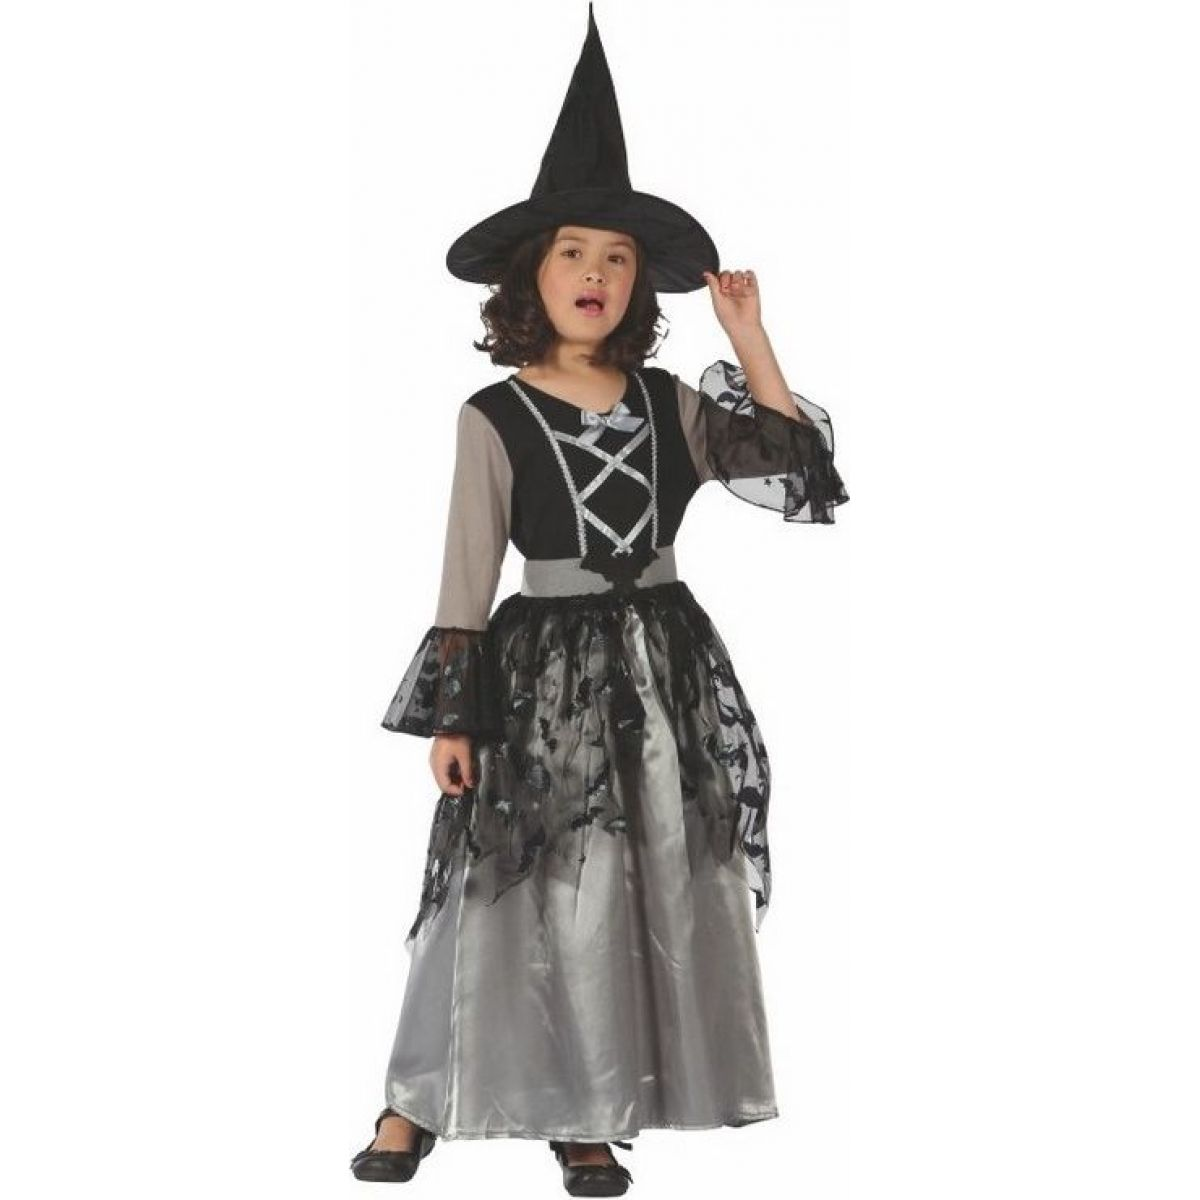 Made Dětský kostým Čarodějka 110-120 cm MaDe